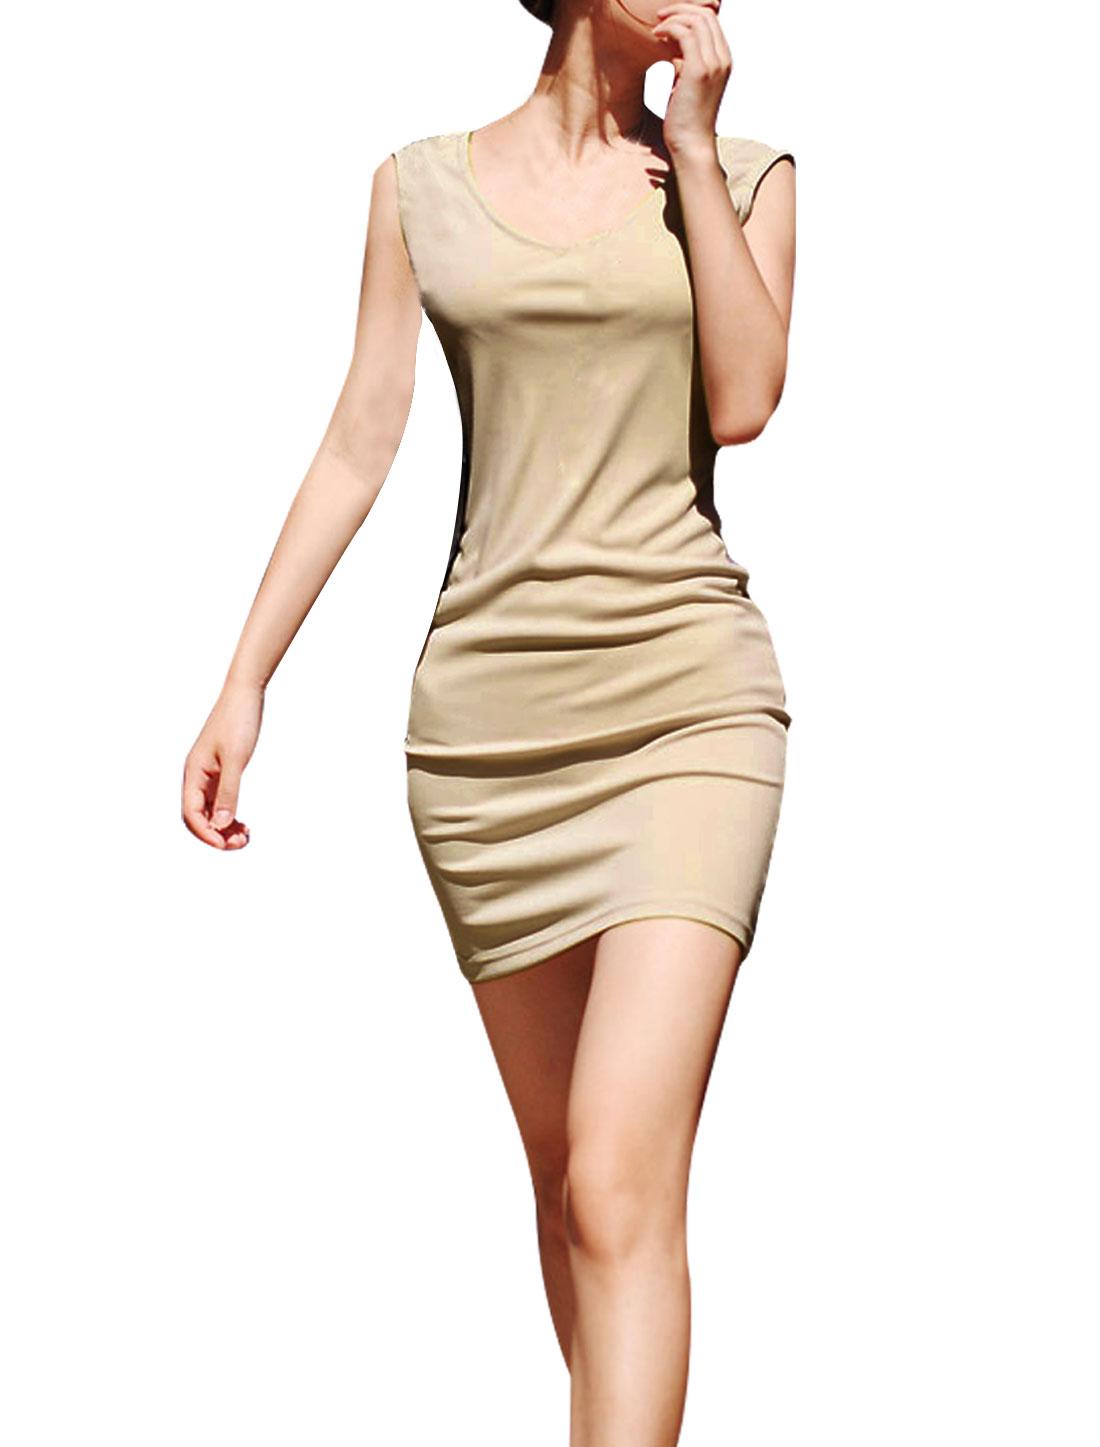 Stylish Khaki Color V-Neck Slim Fit Mini Dress L for Woman